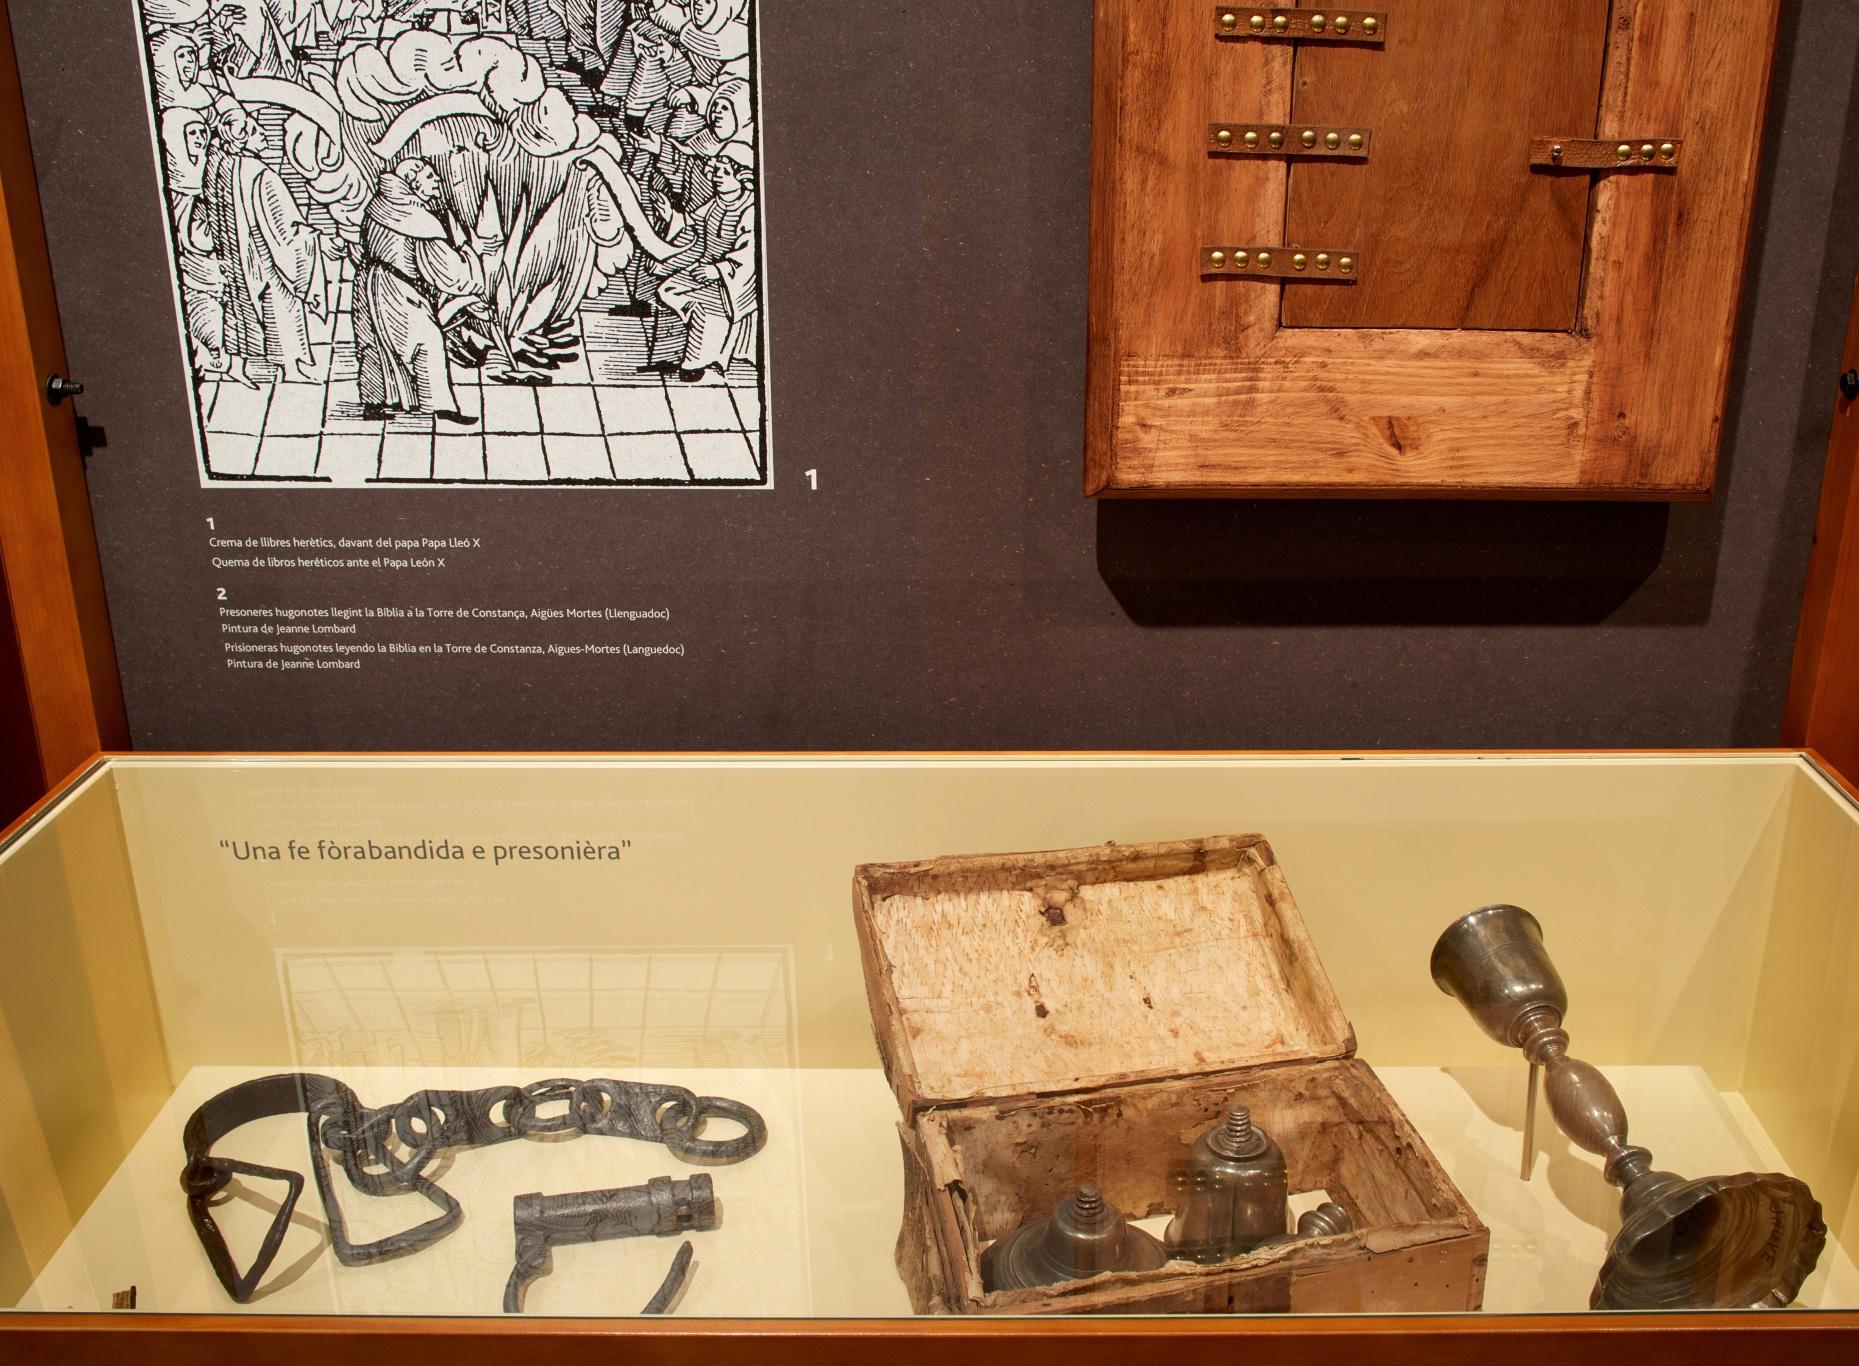 Exposición protestantes Caixaforum. Ilustración y cajón secreto. Cáliz litúrgico desmontable.